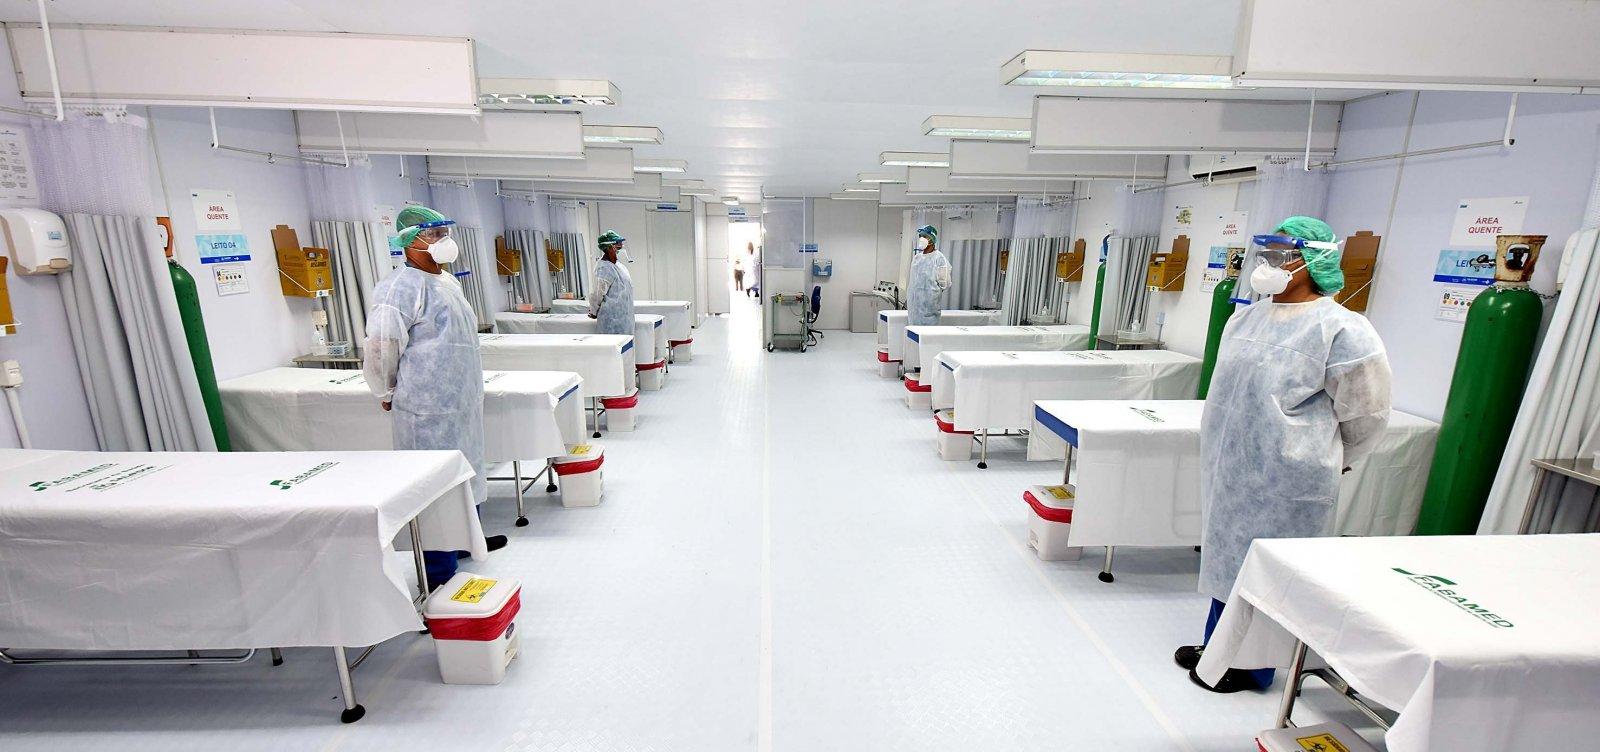 Nove hospitais registram 100% de ocupação de leitos para Covid-19 na Bahia